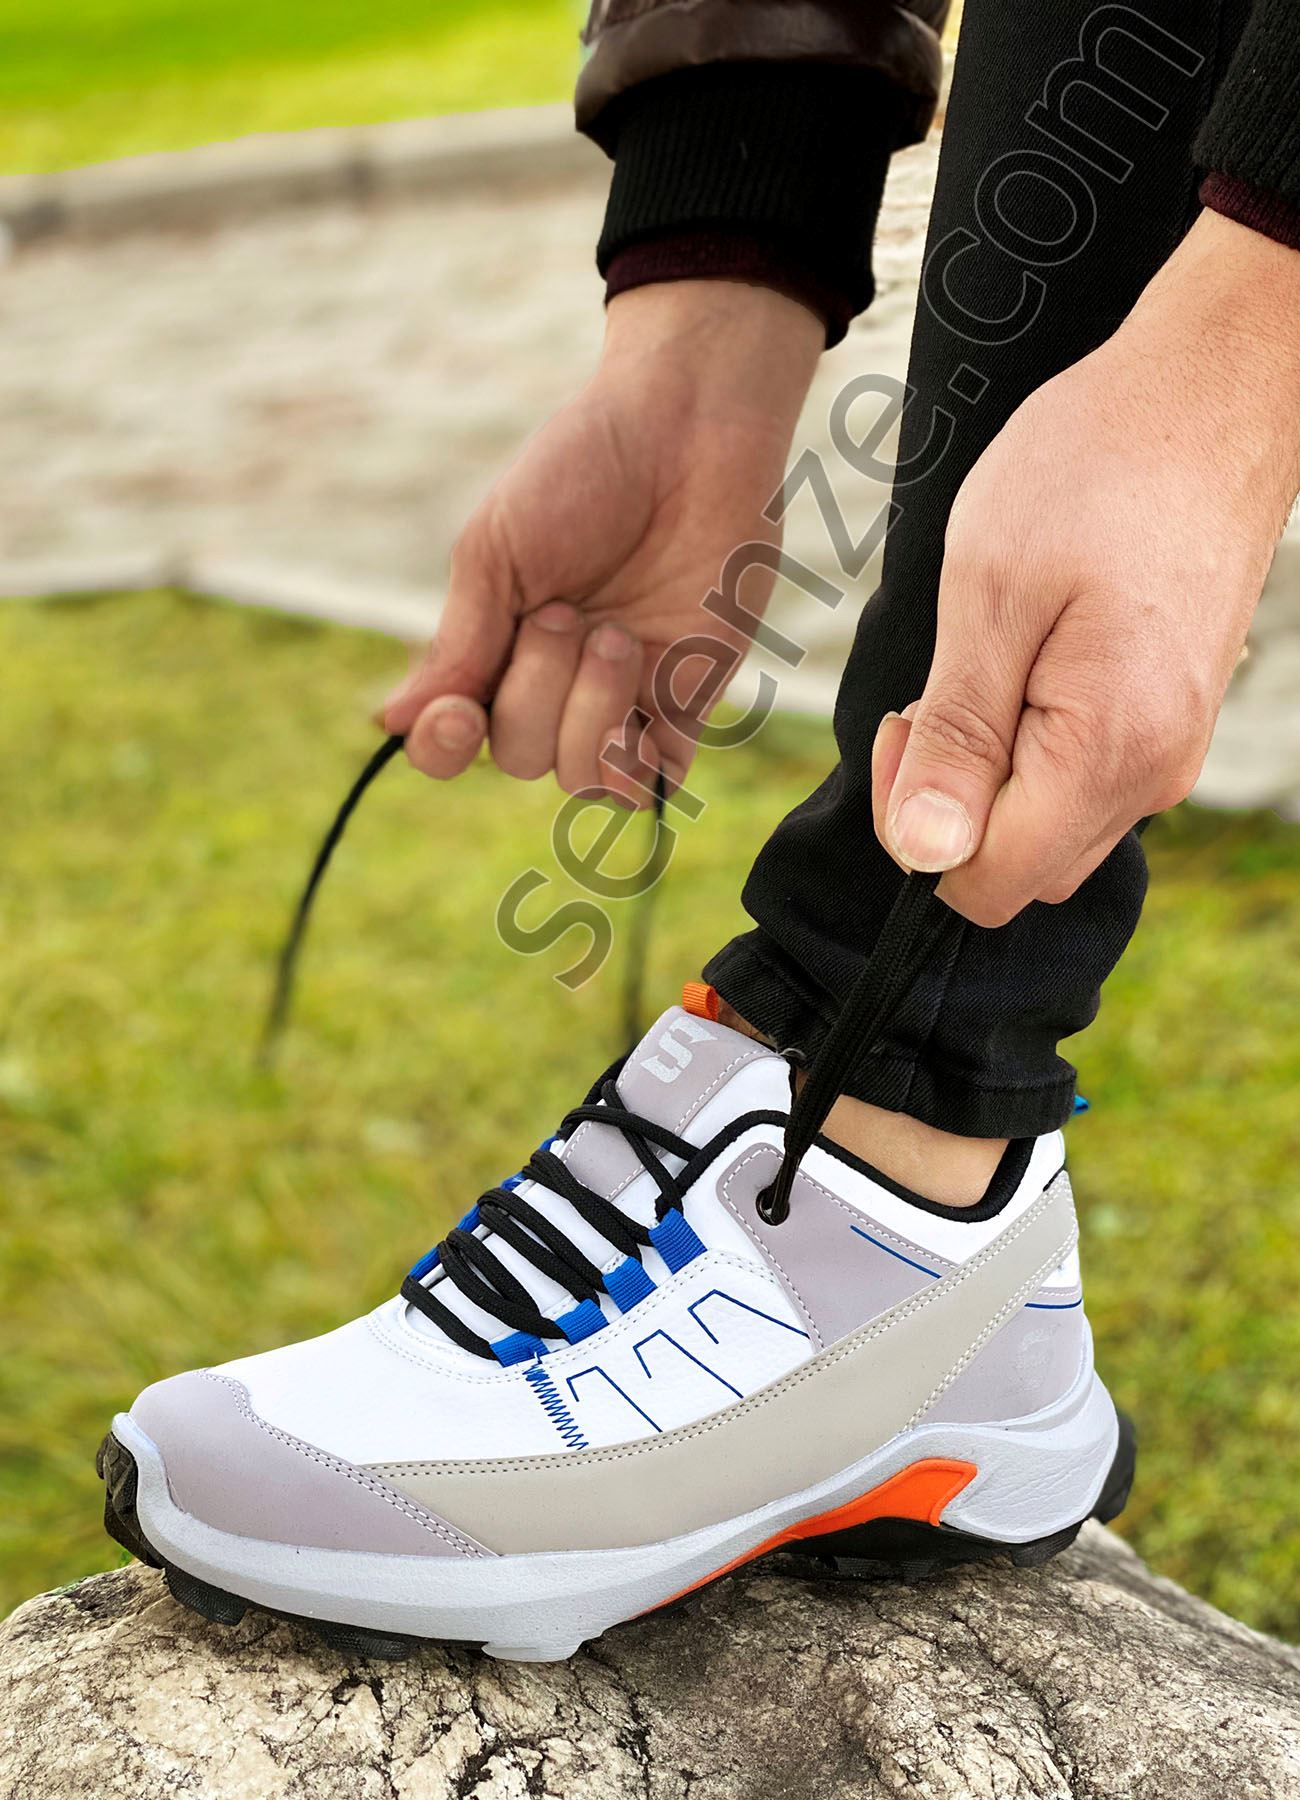 Beyaz Süper Strong Trekking Erkek Ayakkabı